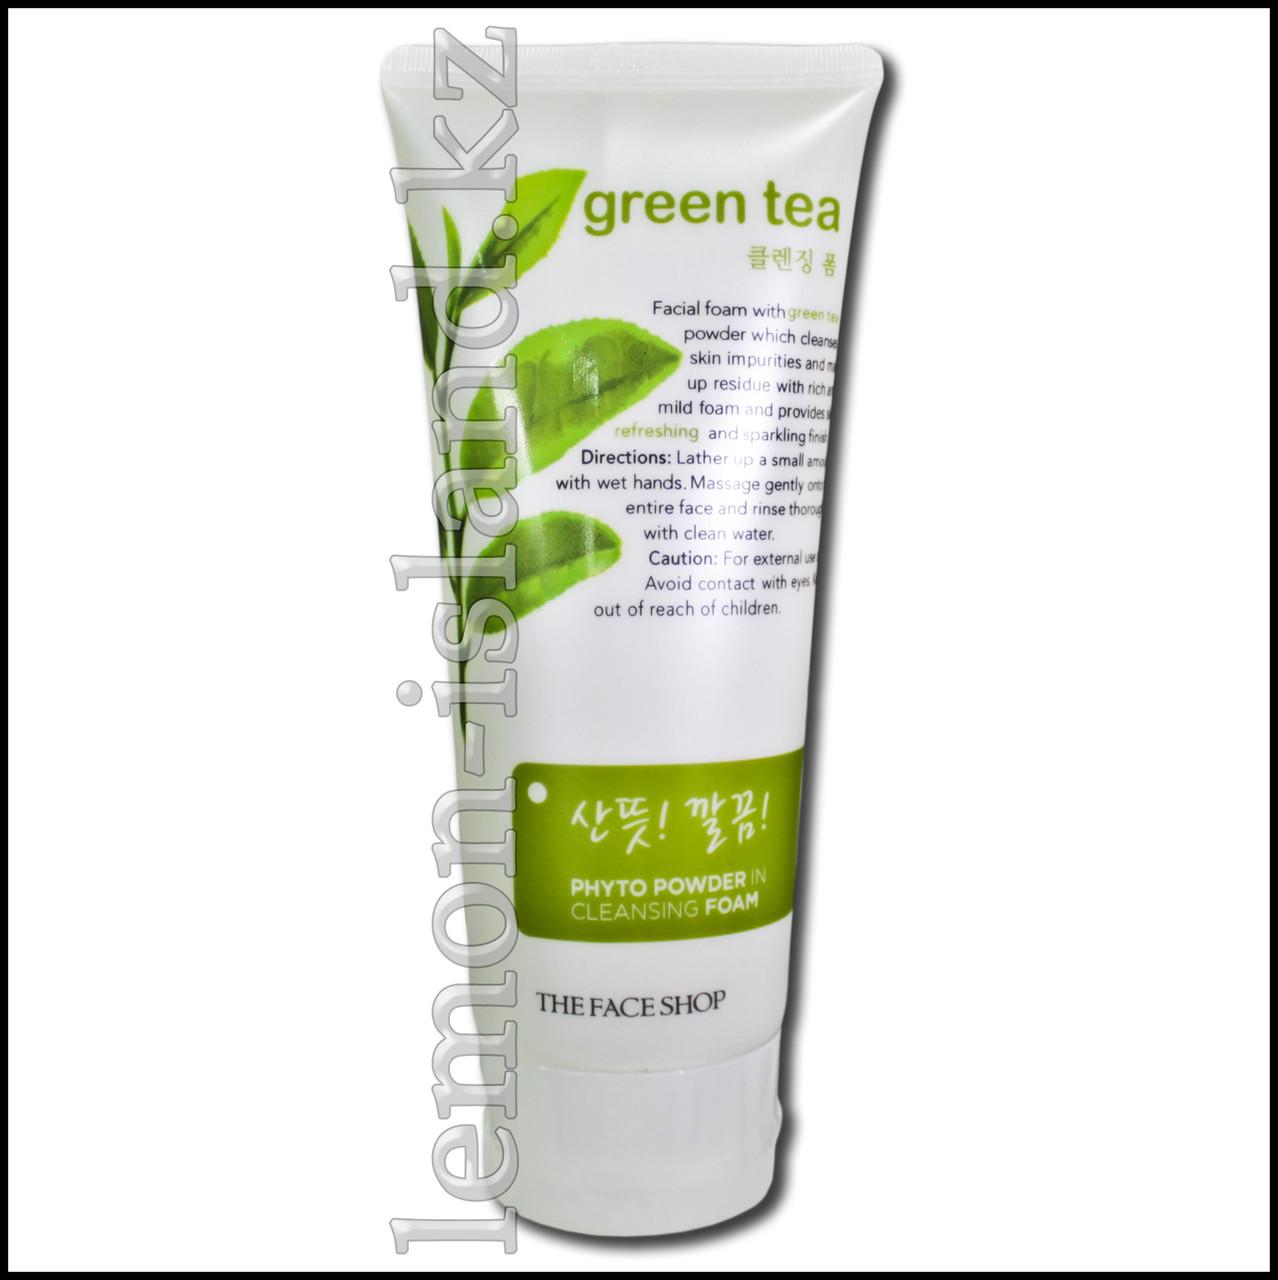 Гель для умывания The Face Shop с экстрактом зелёного чая (Юж.Корея).